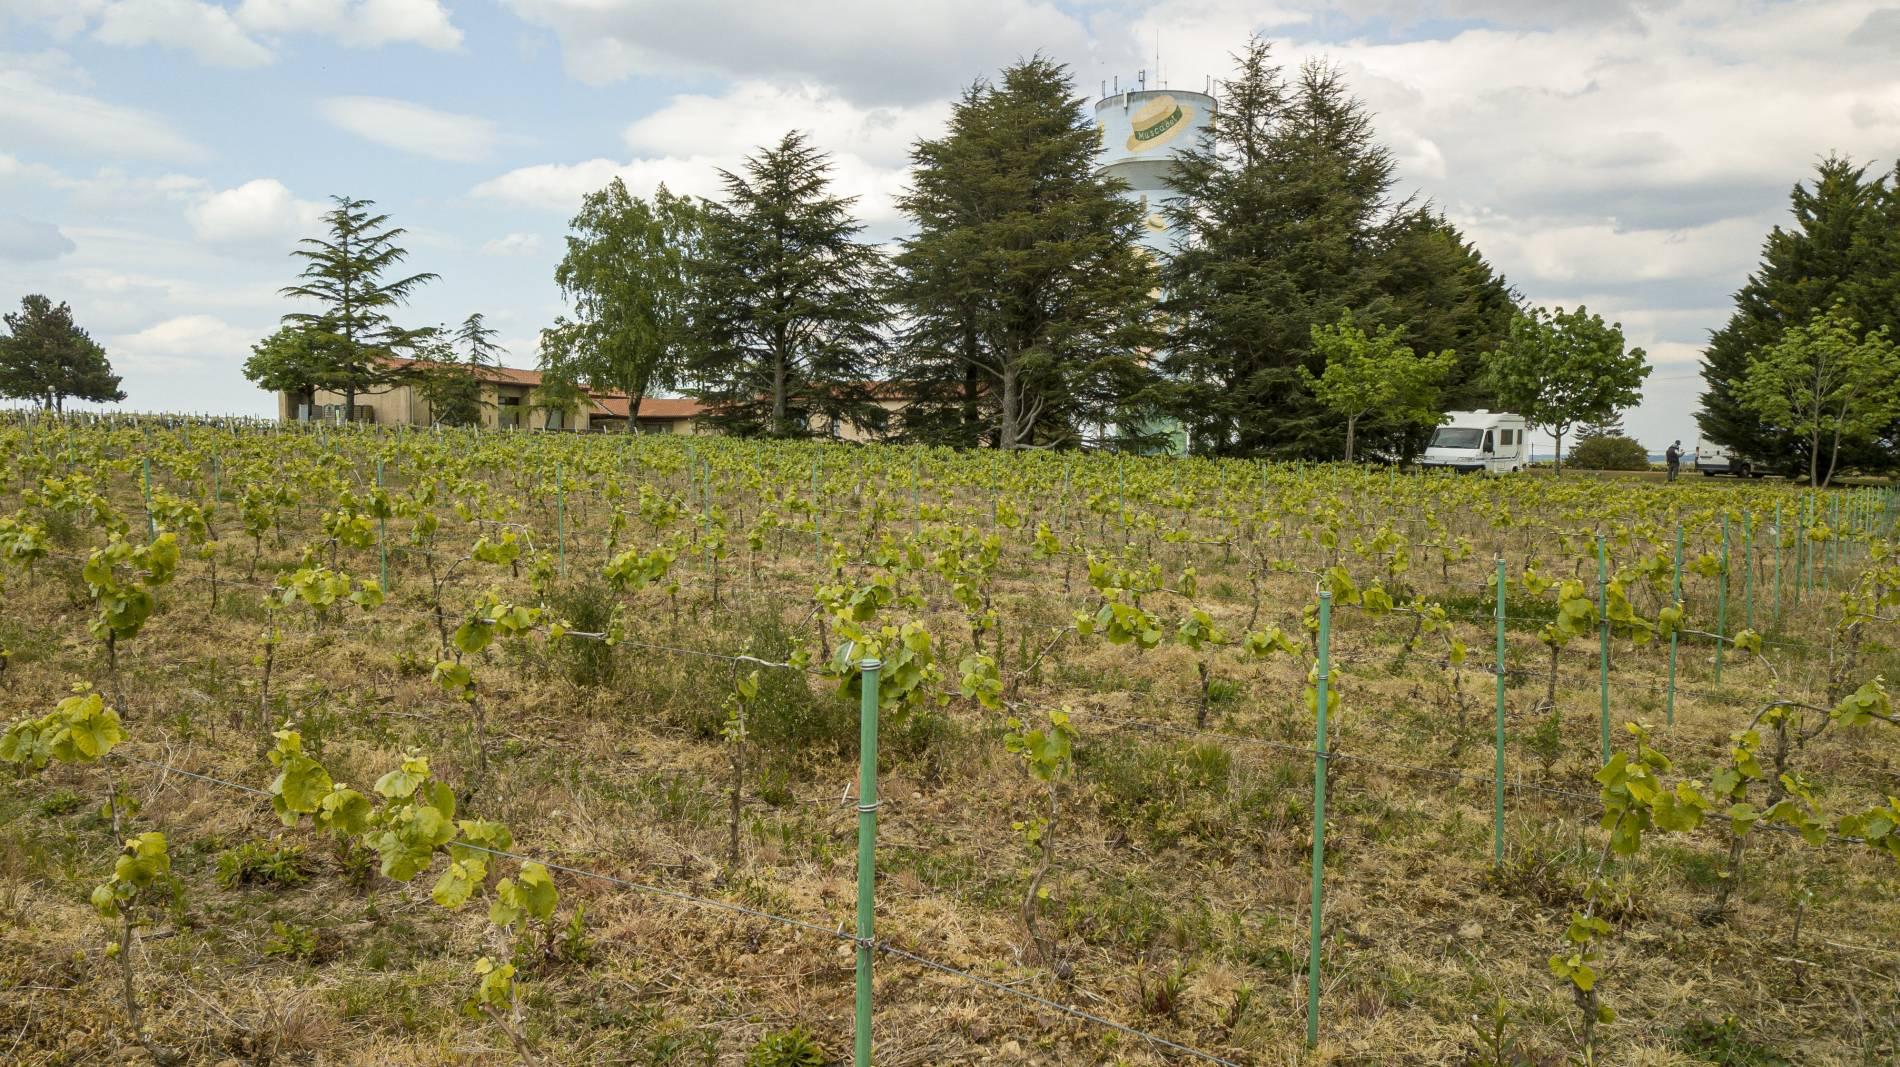 Domaine du paradis:producteur du vignoble nantais